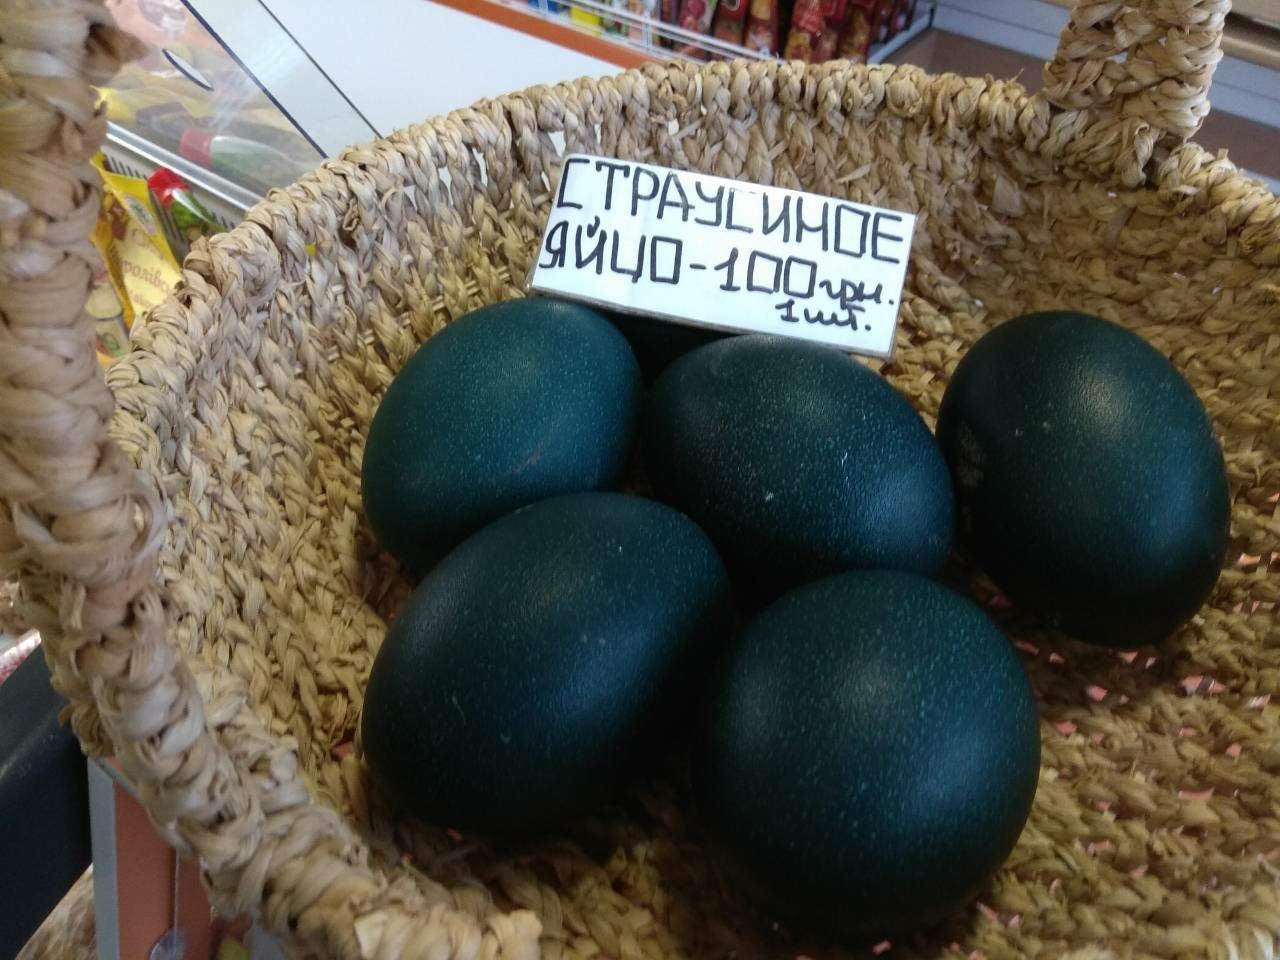 Необычный деликатес продают в одном из магазинов Херсонщины (фото), фото-1